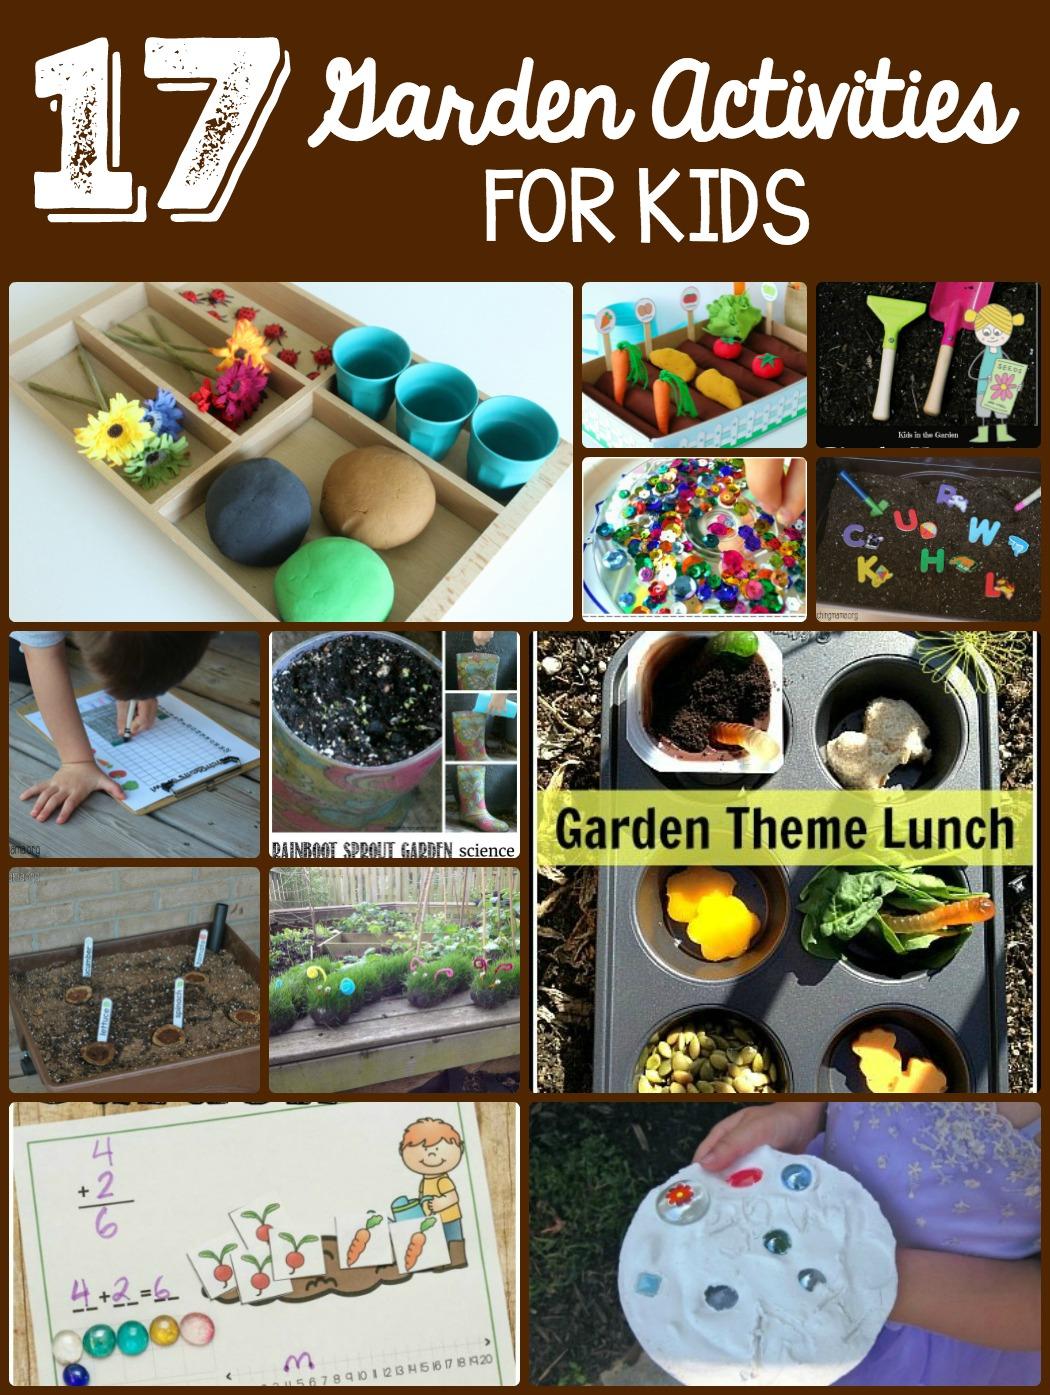 17 Garden Activities For Kids